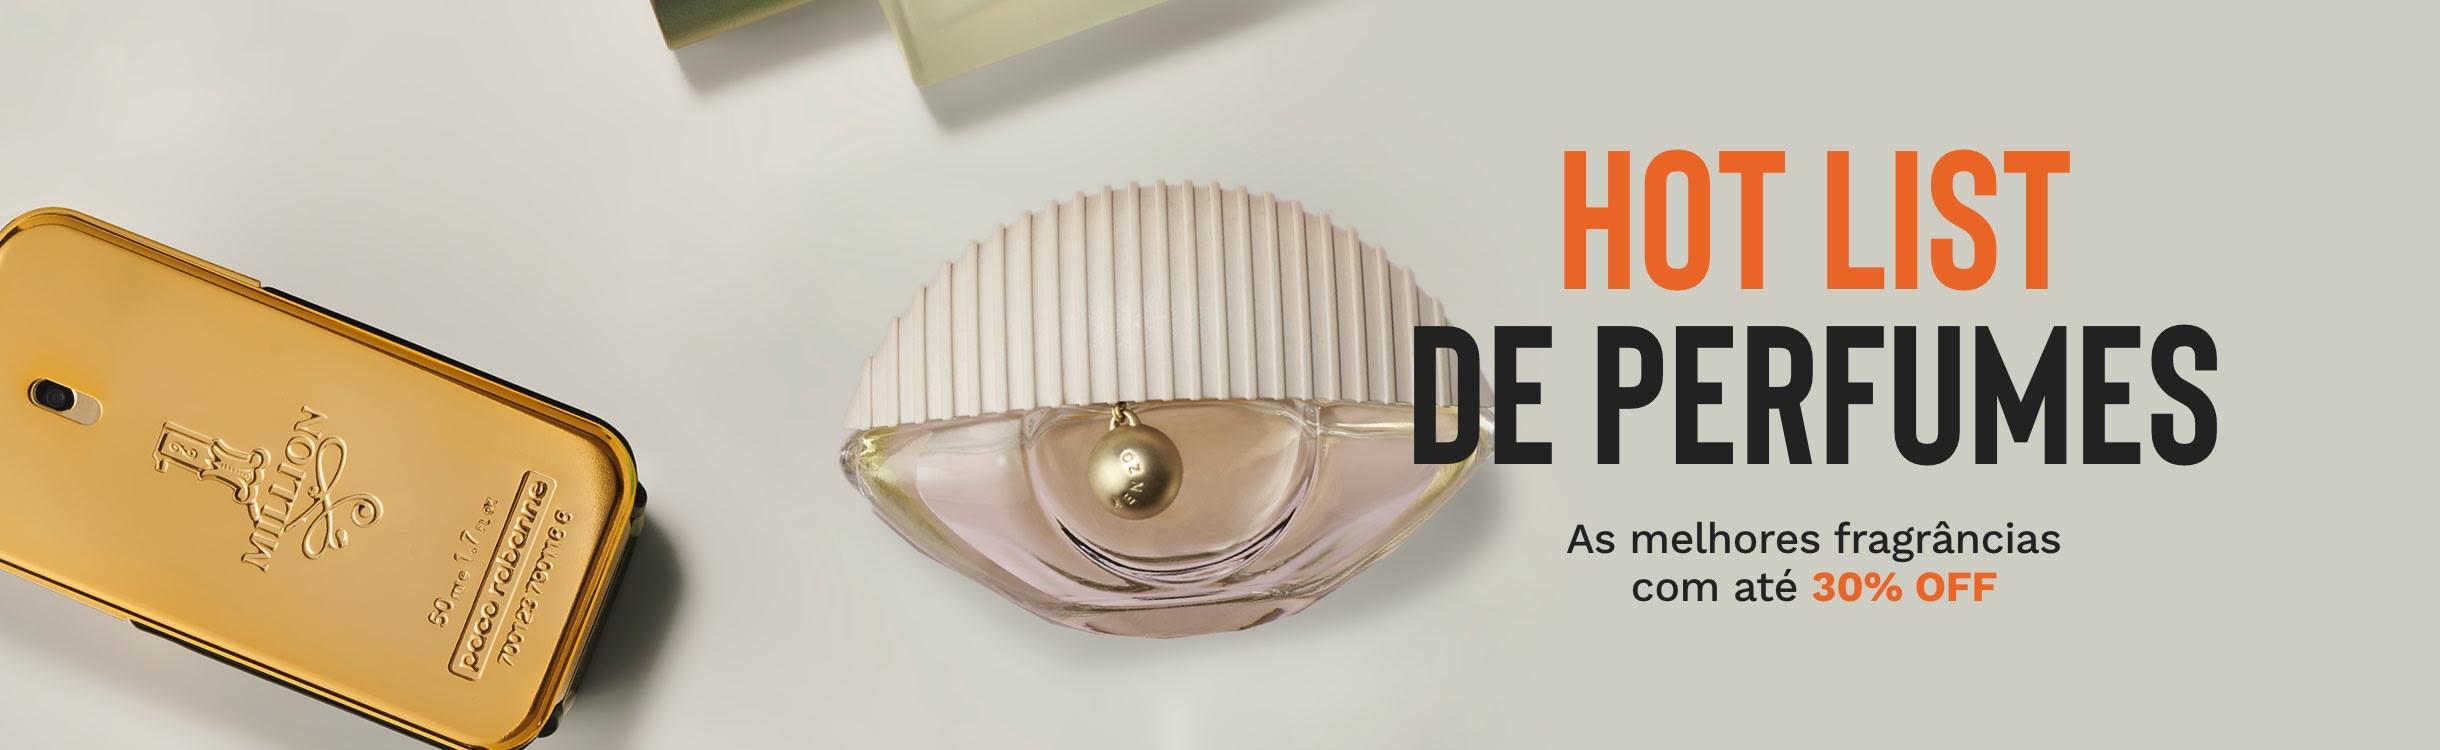 Hot List: Perfumes com desconto